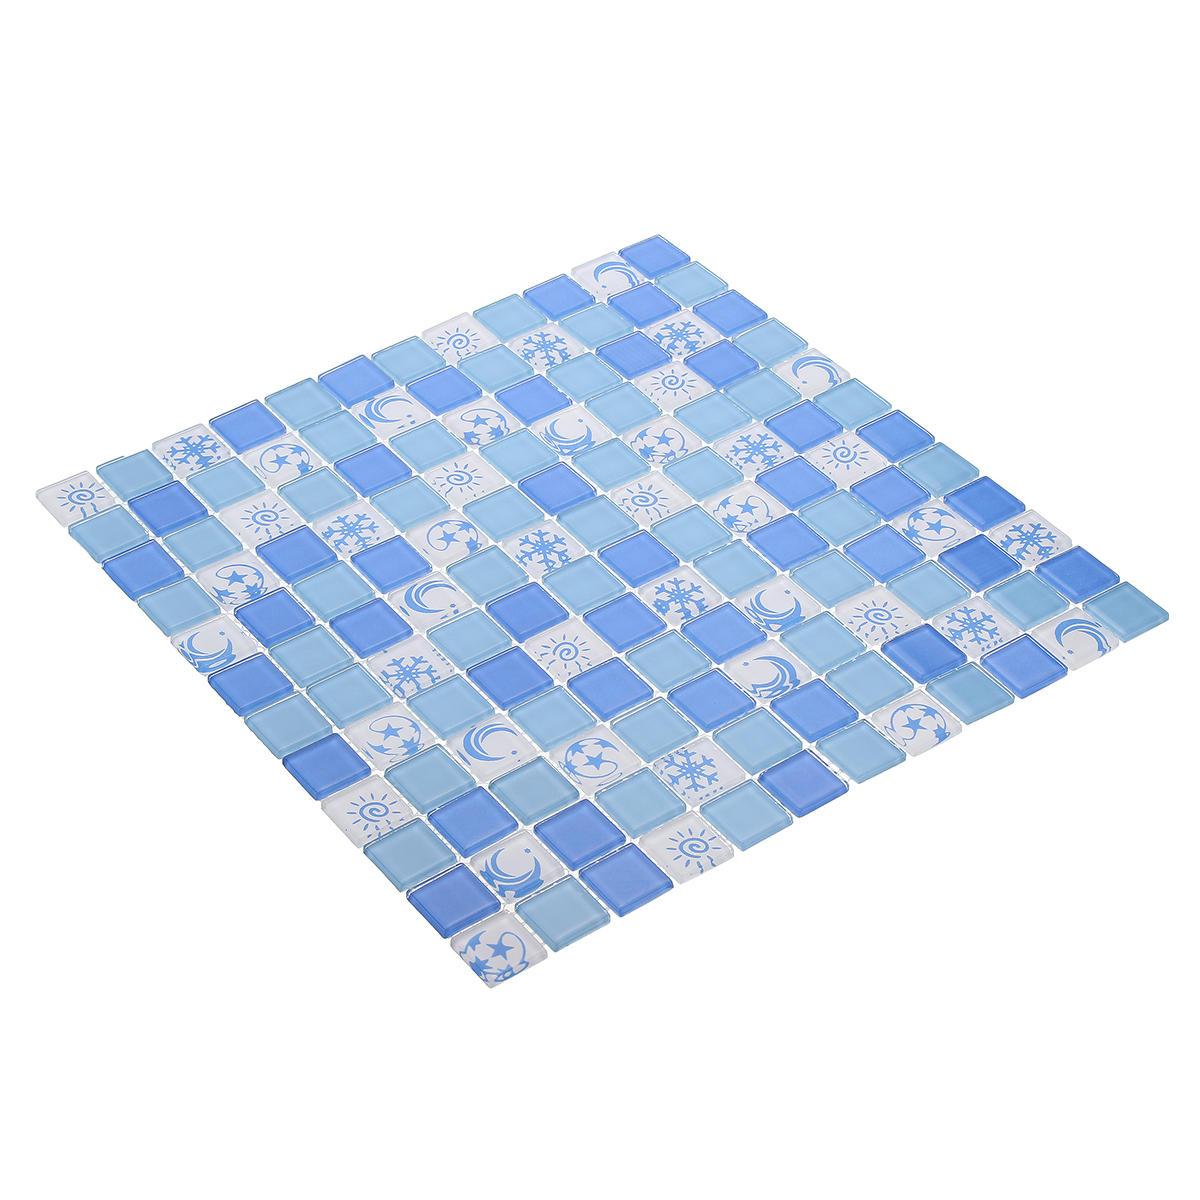 Adesivo da parete impermeabile in mosaico di cristallo 3D per arredo bagno